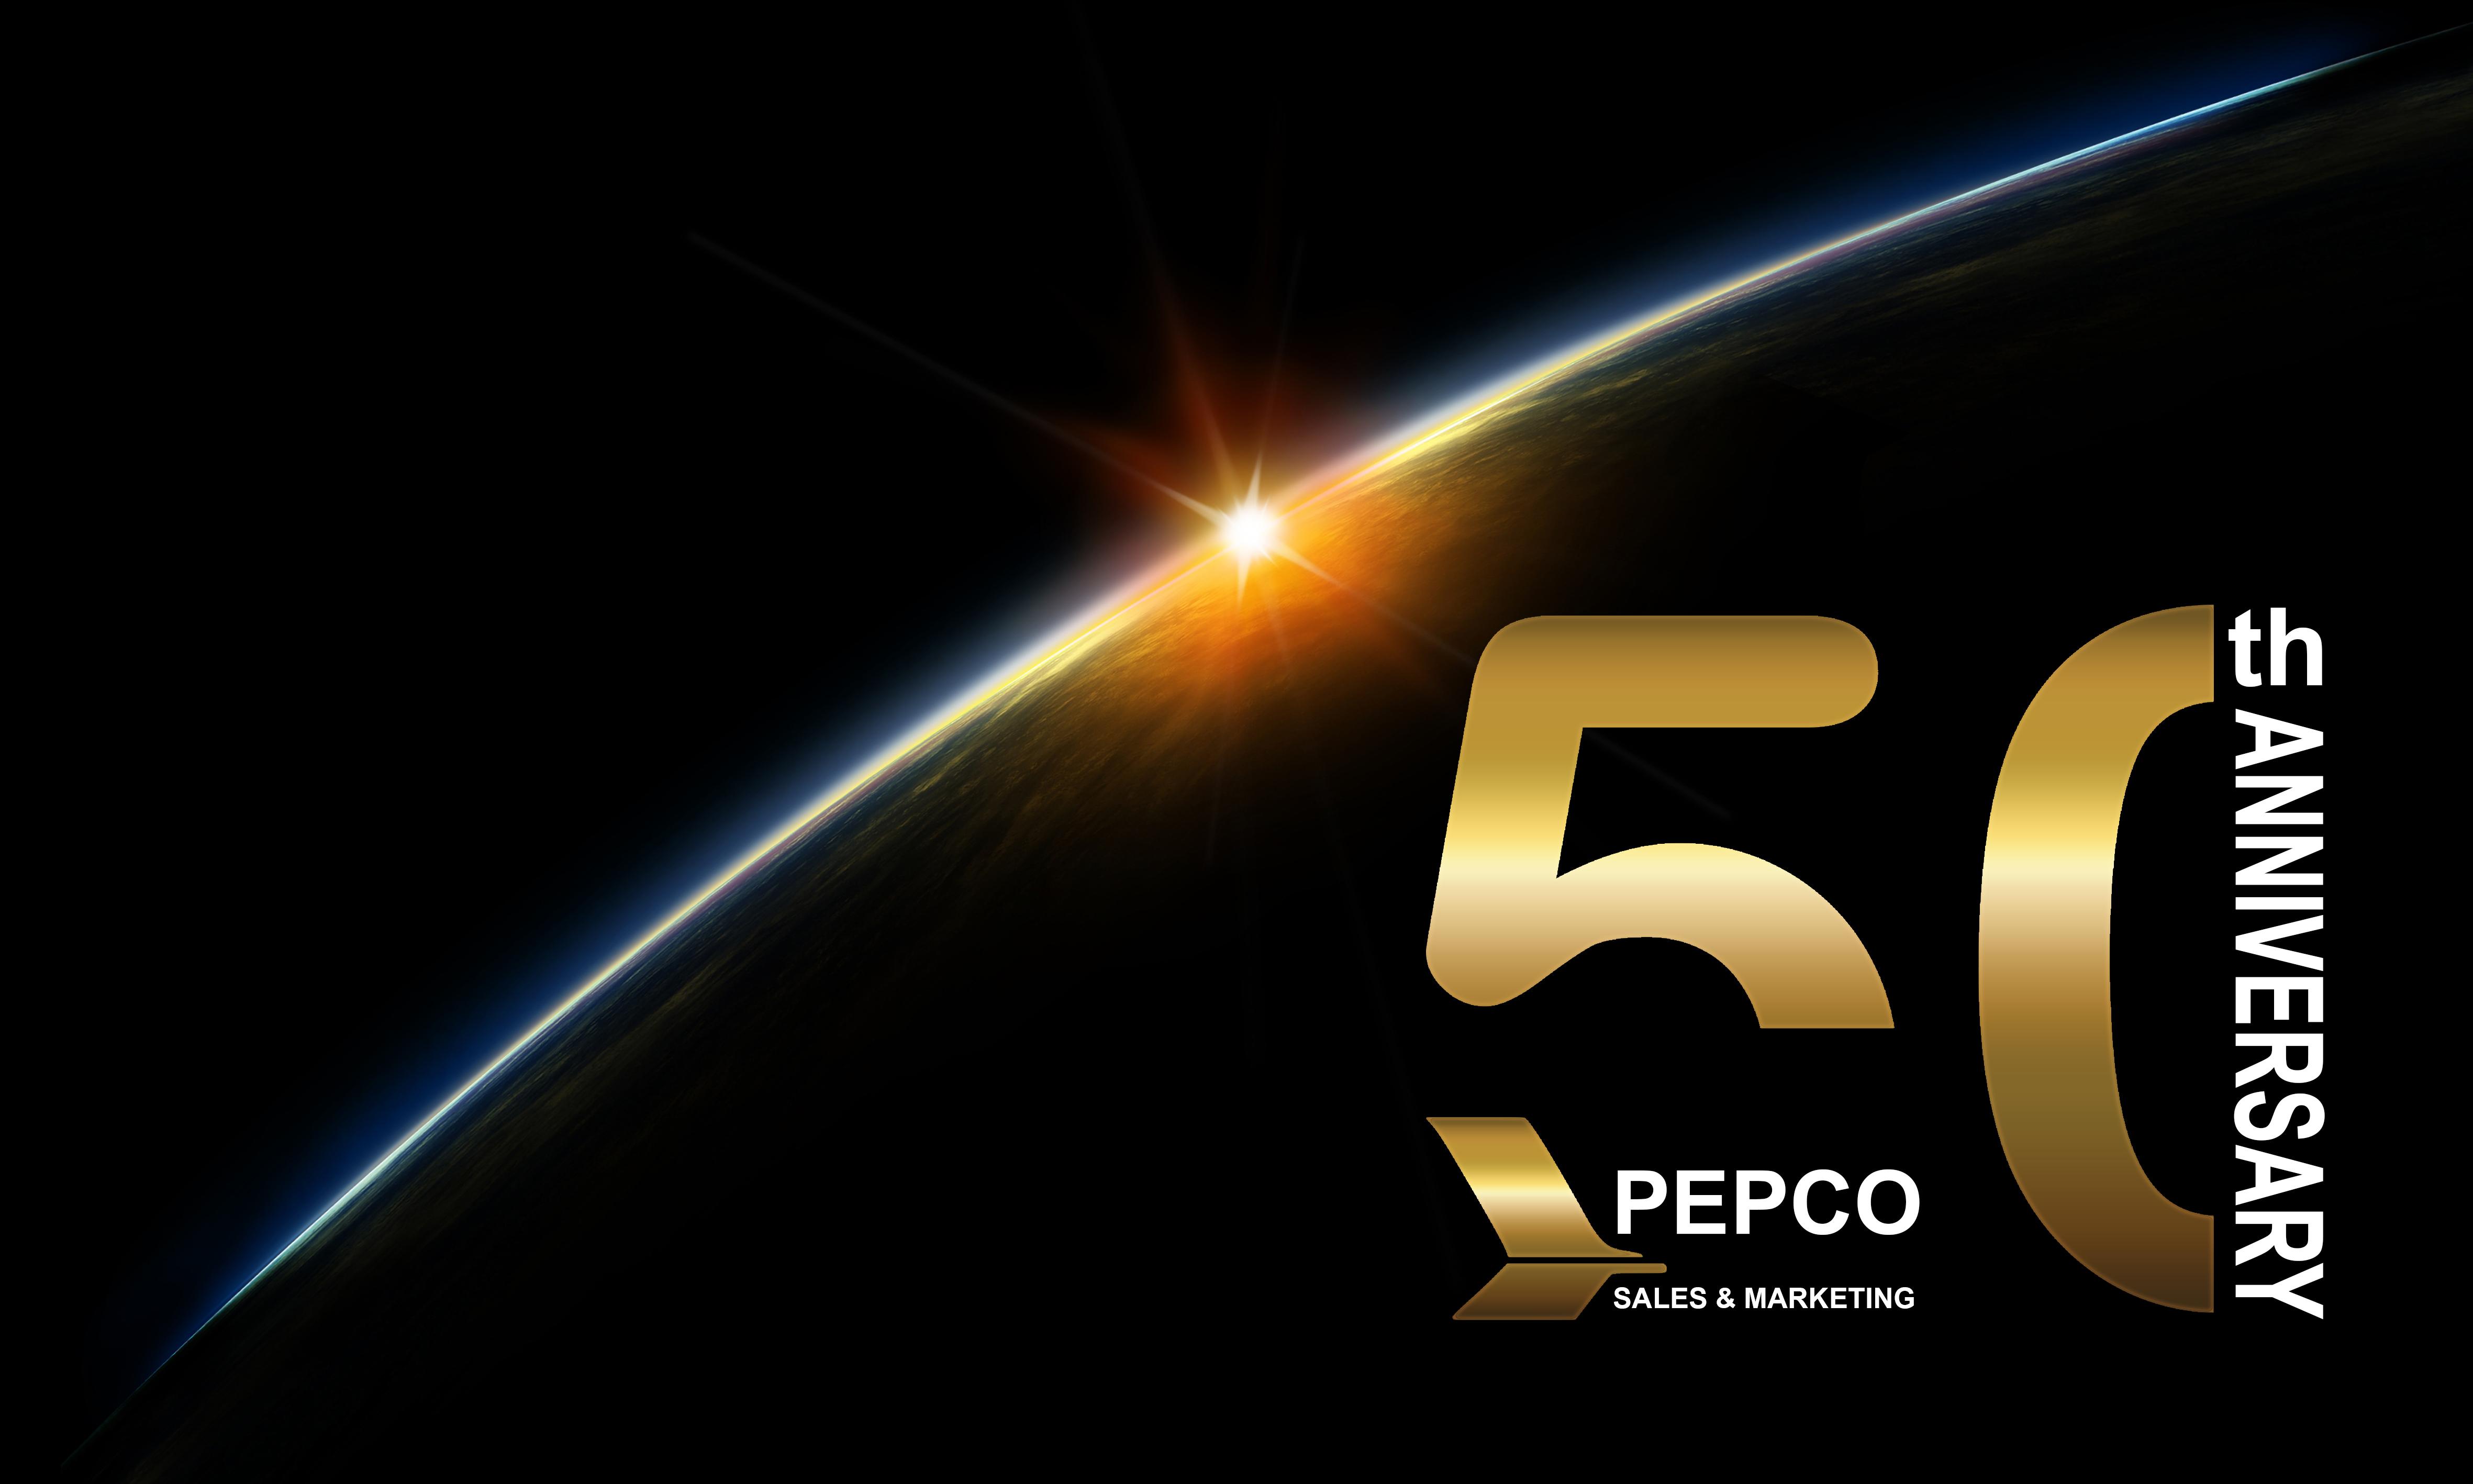 Logo Design by Kiavash Varnoos - Entry No. 74 in the Logo Design Contest 50th Anniversary Logo Design for Pepco Sales  & Marketing.